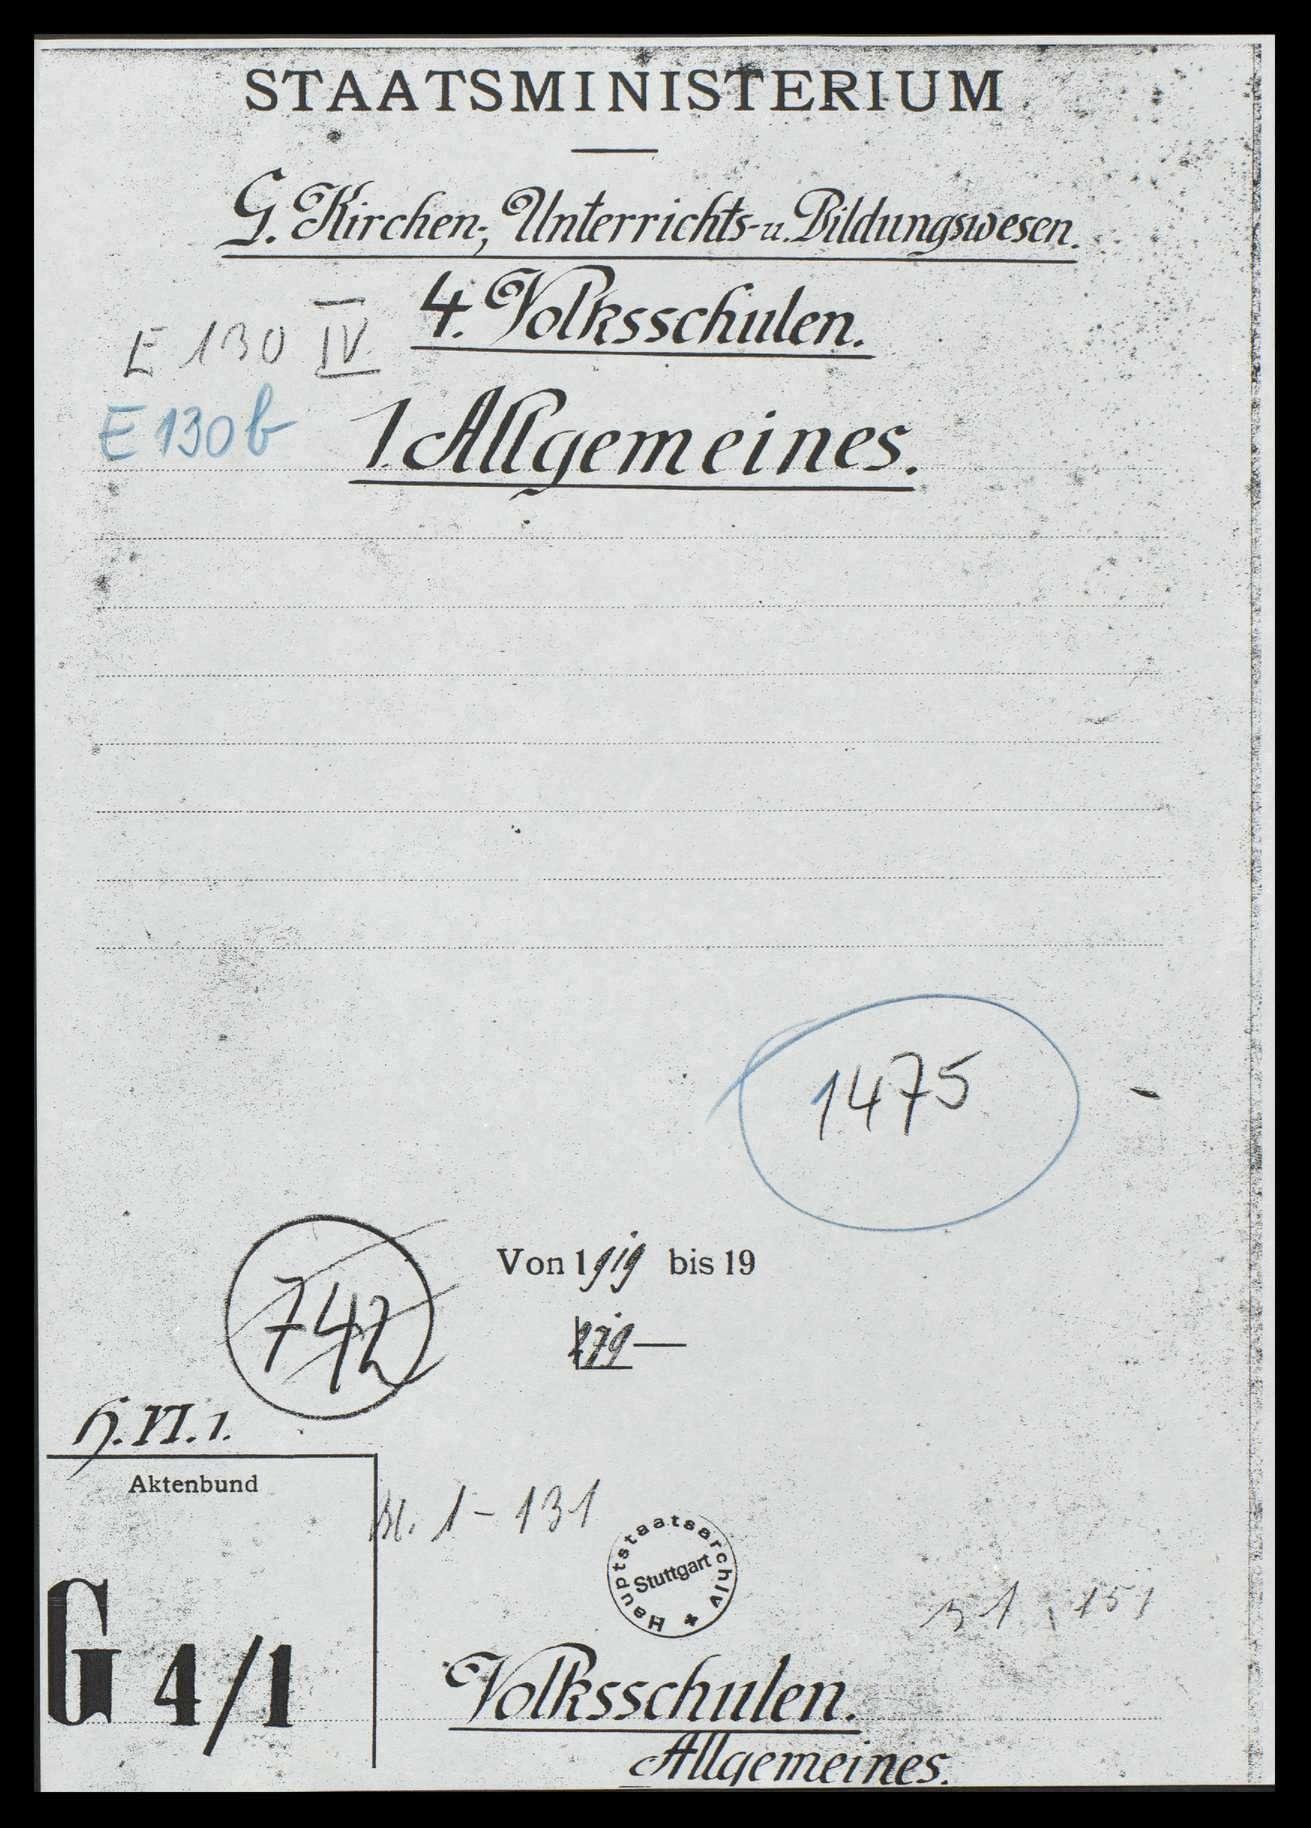 Allgemeine Volksschulfragen, Bild 1